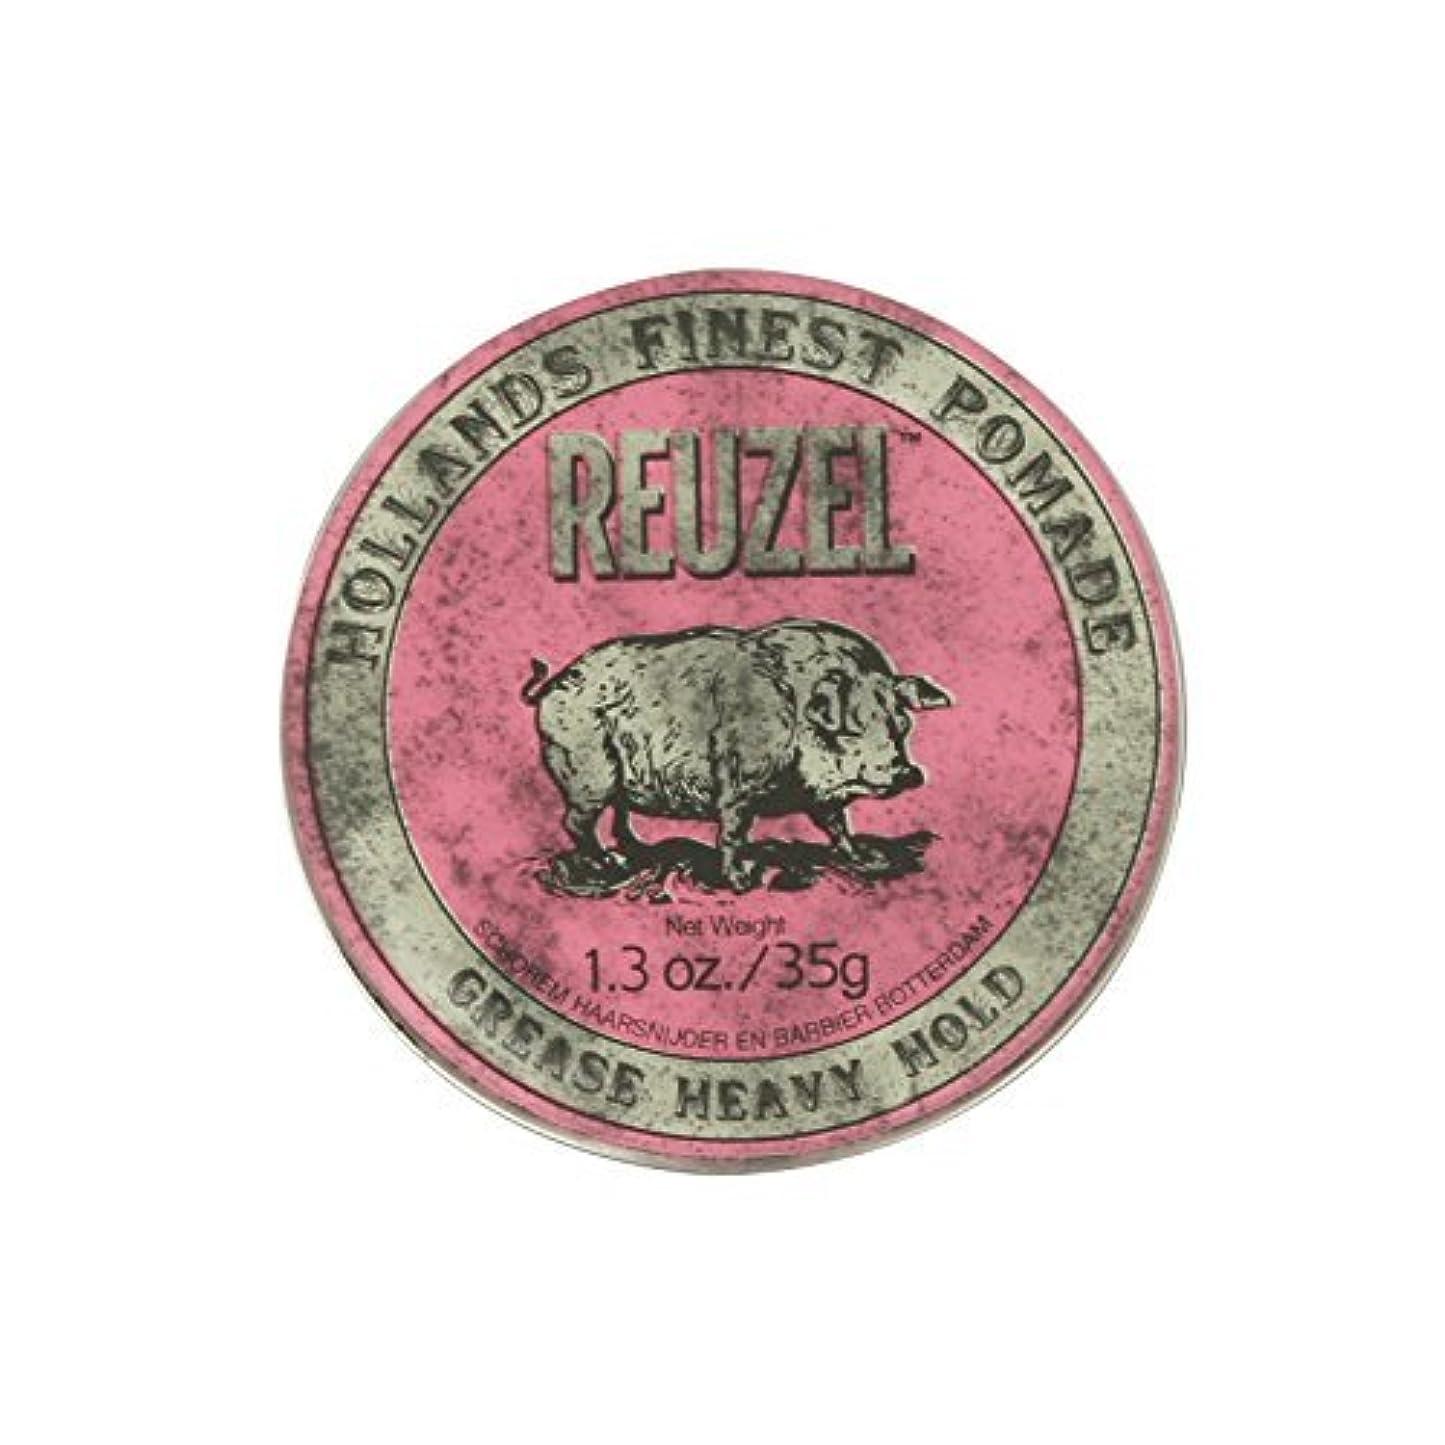 早める指ジレンマReuzel Pink Grease Heavy Hold Pomade Piglet 1.3oz by REUZEL [並行輸入品]